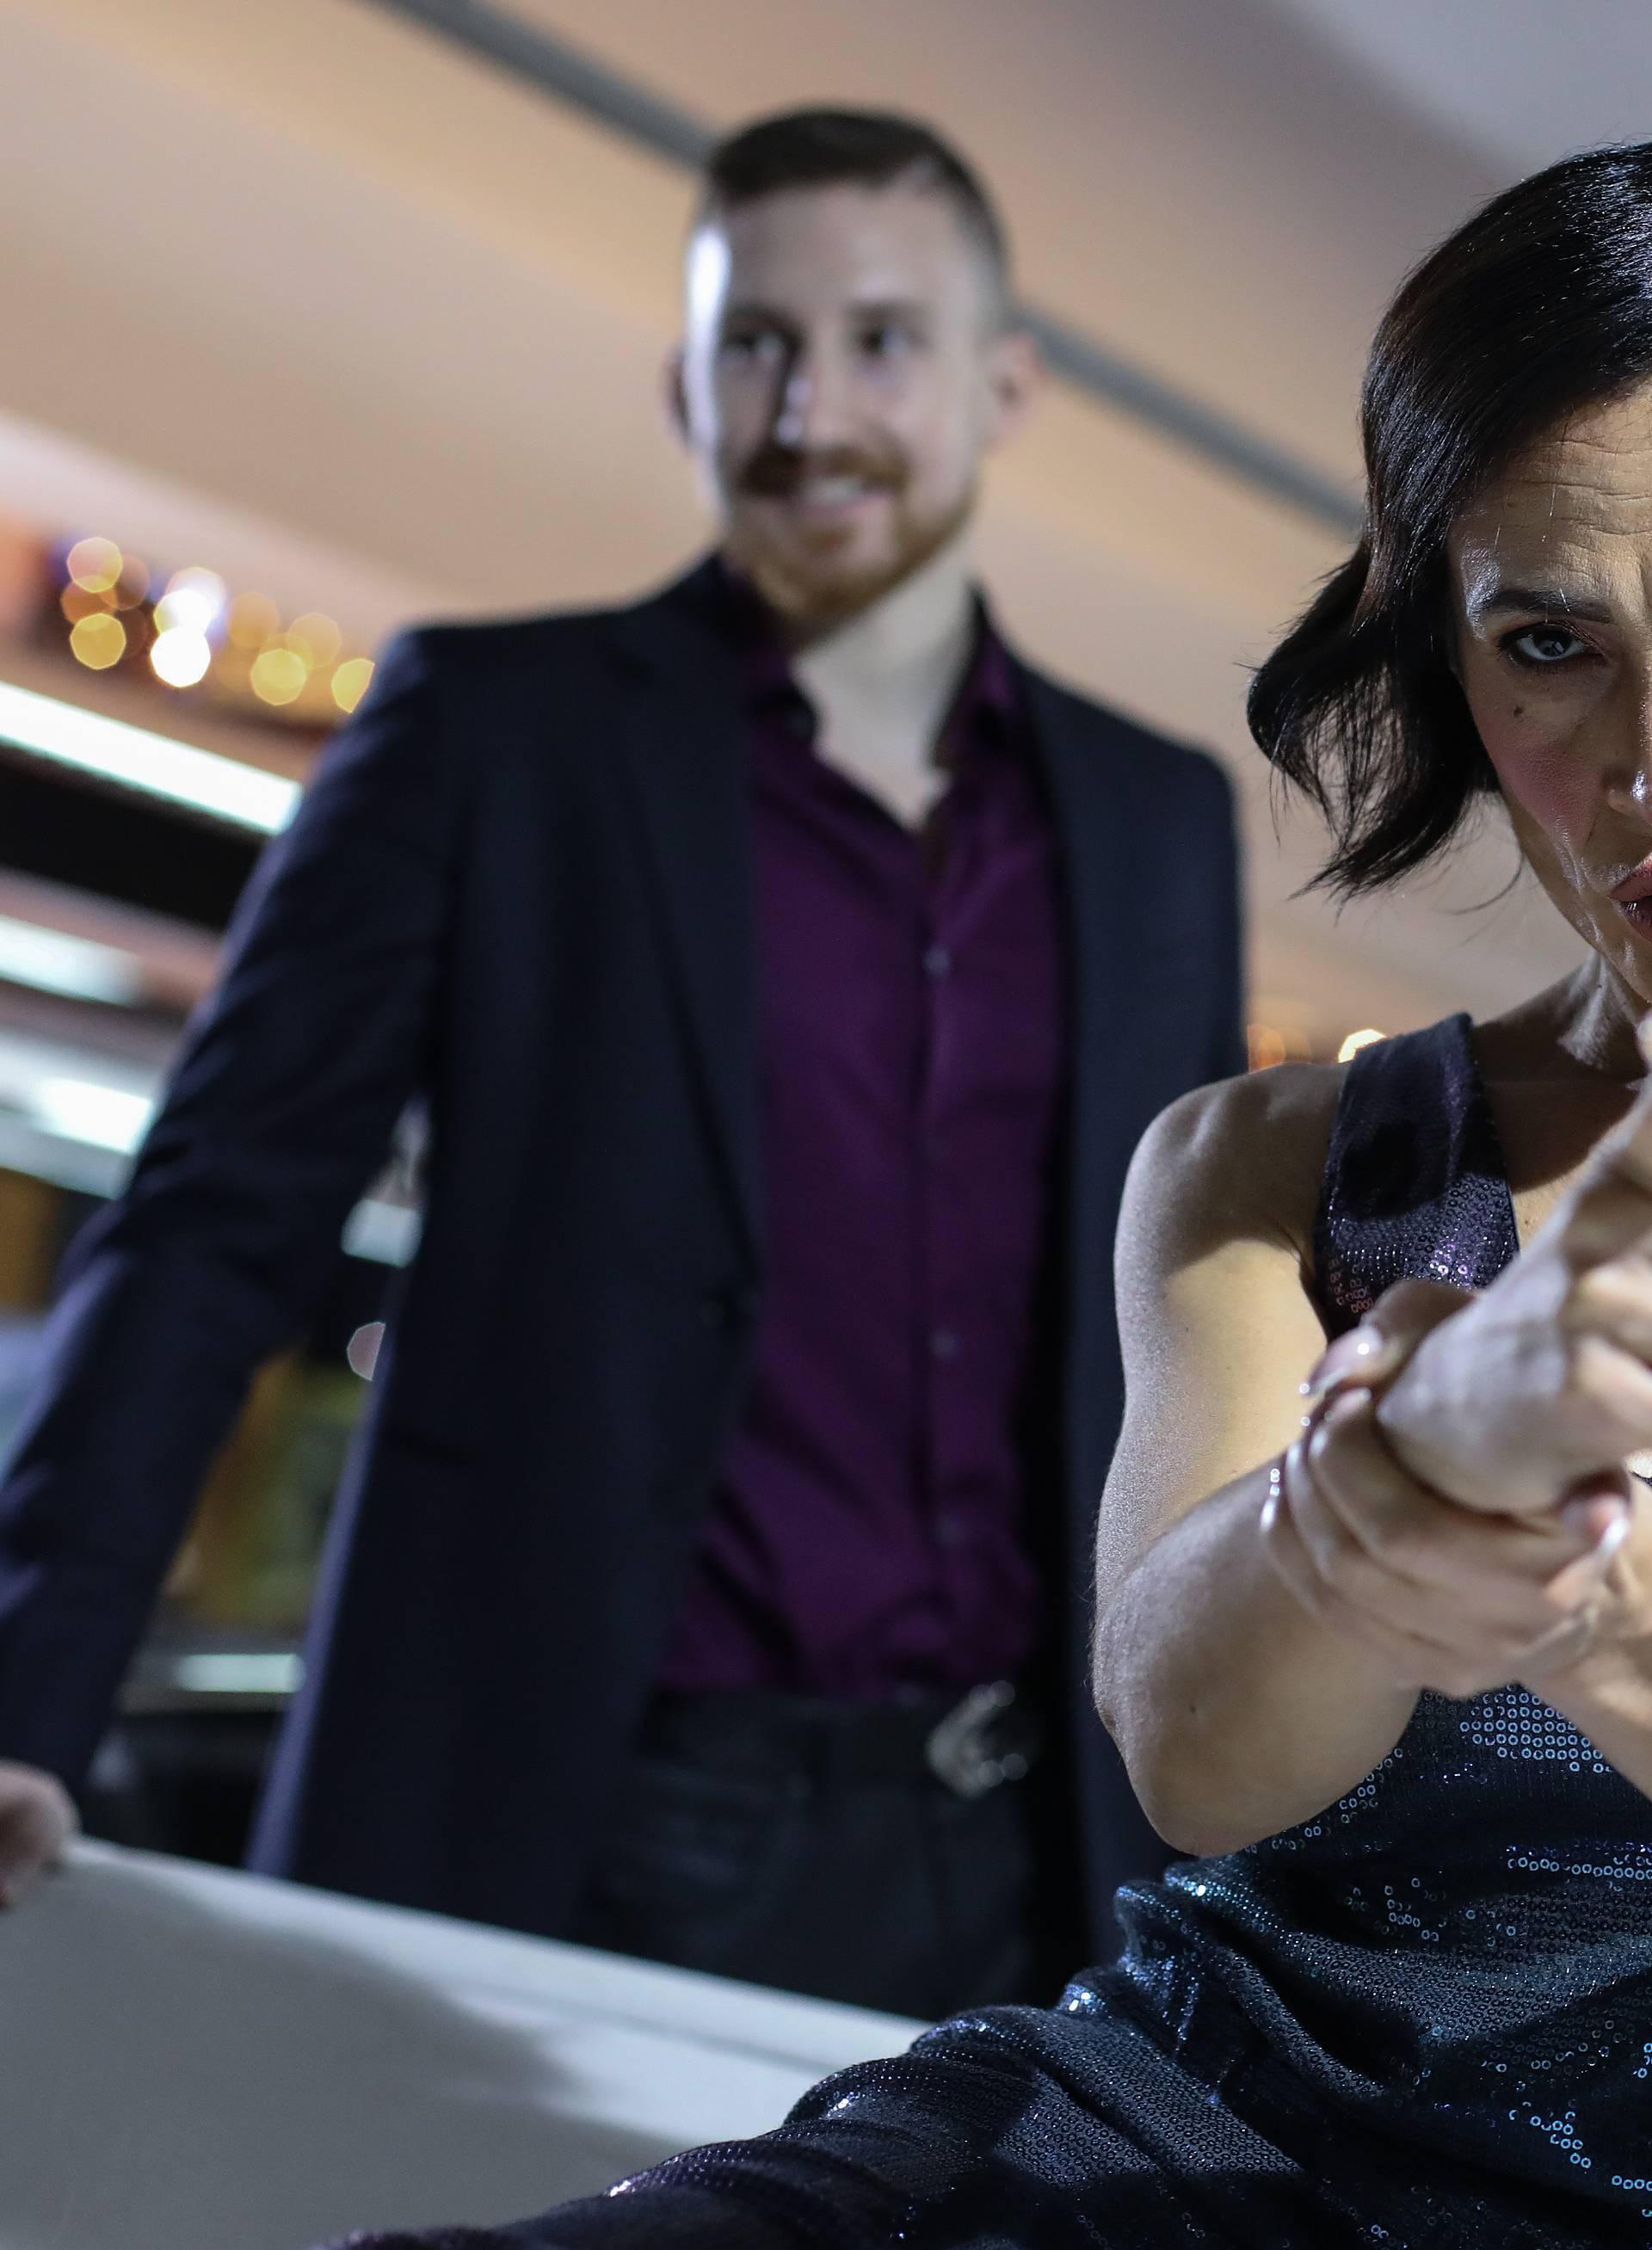 Poput James Bond djevojke: Ivana Banfić pozirala na jahti